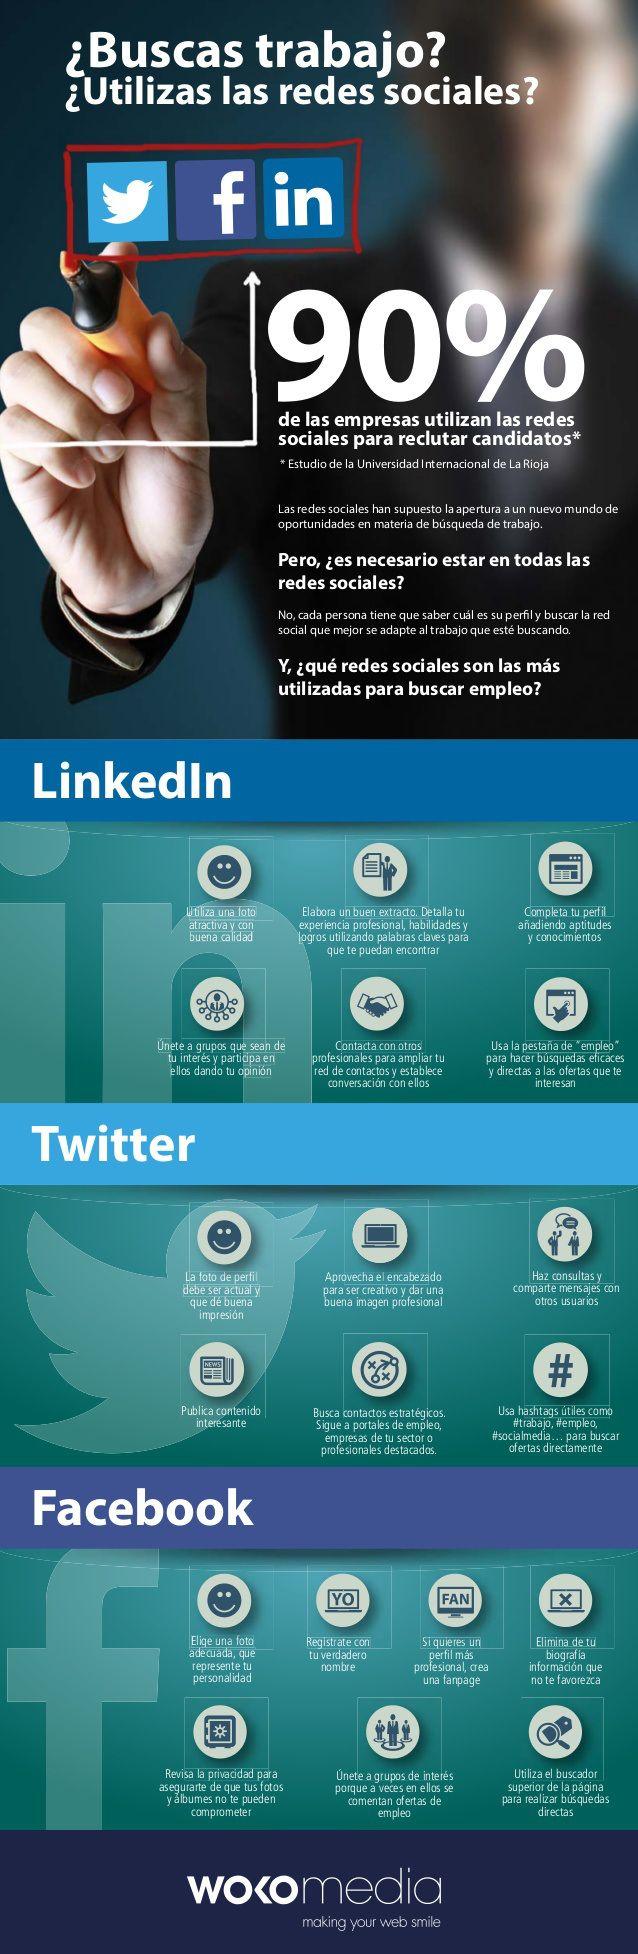 Usa Redes Sociales Para Buscar Empleo Infografia Infographic Socialmedia Tics Y Formación Como Encontrar Trabajo Busqueda De Empleo Socialismo